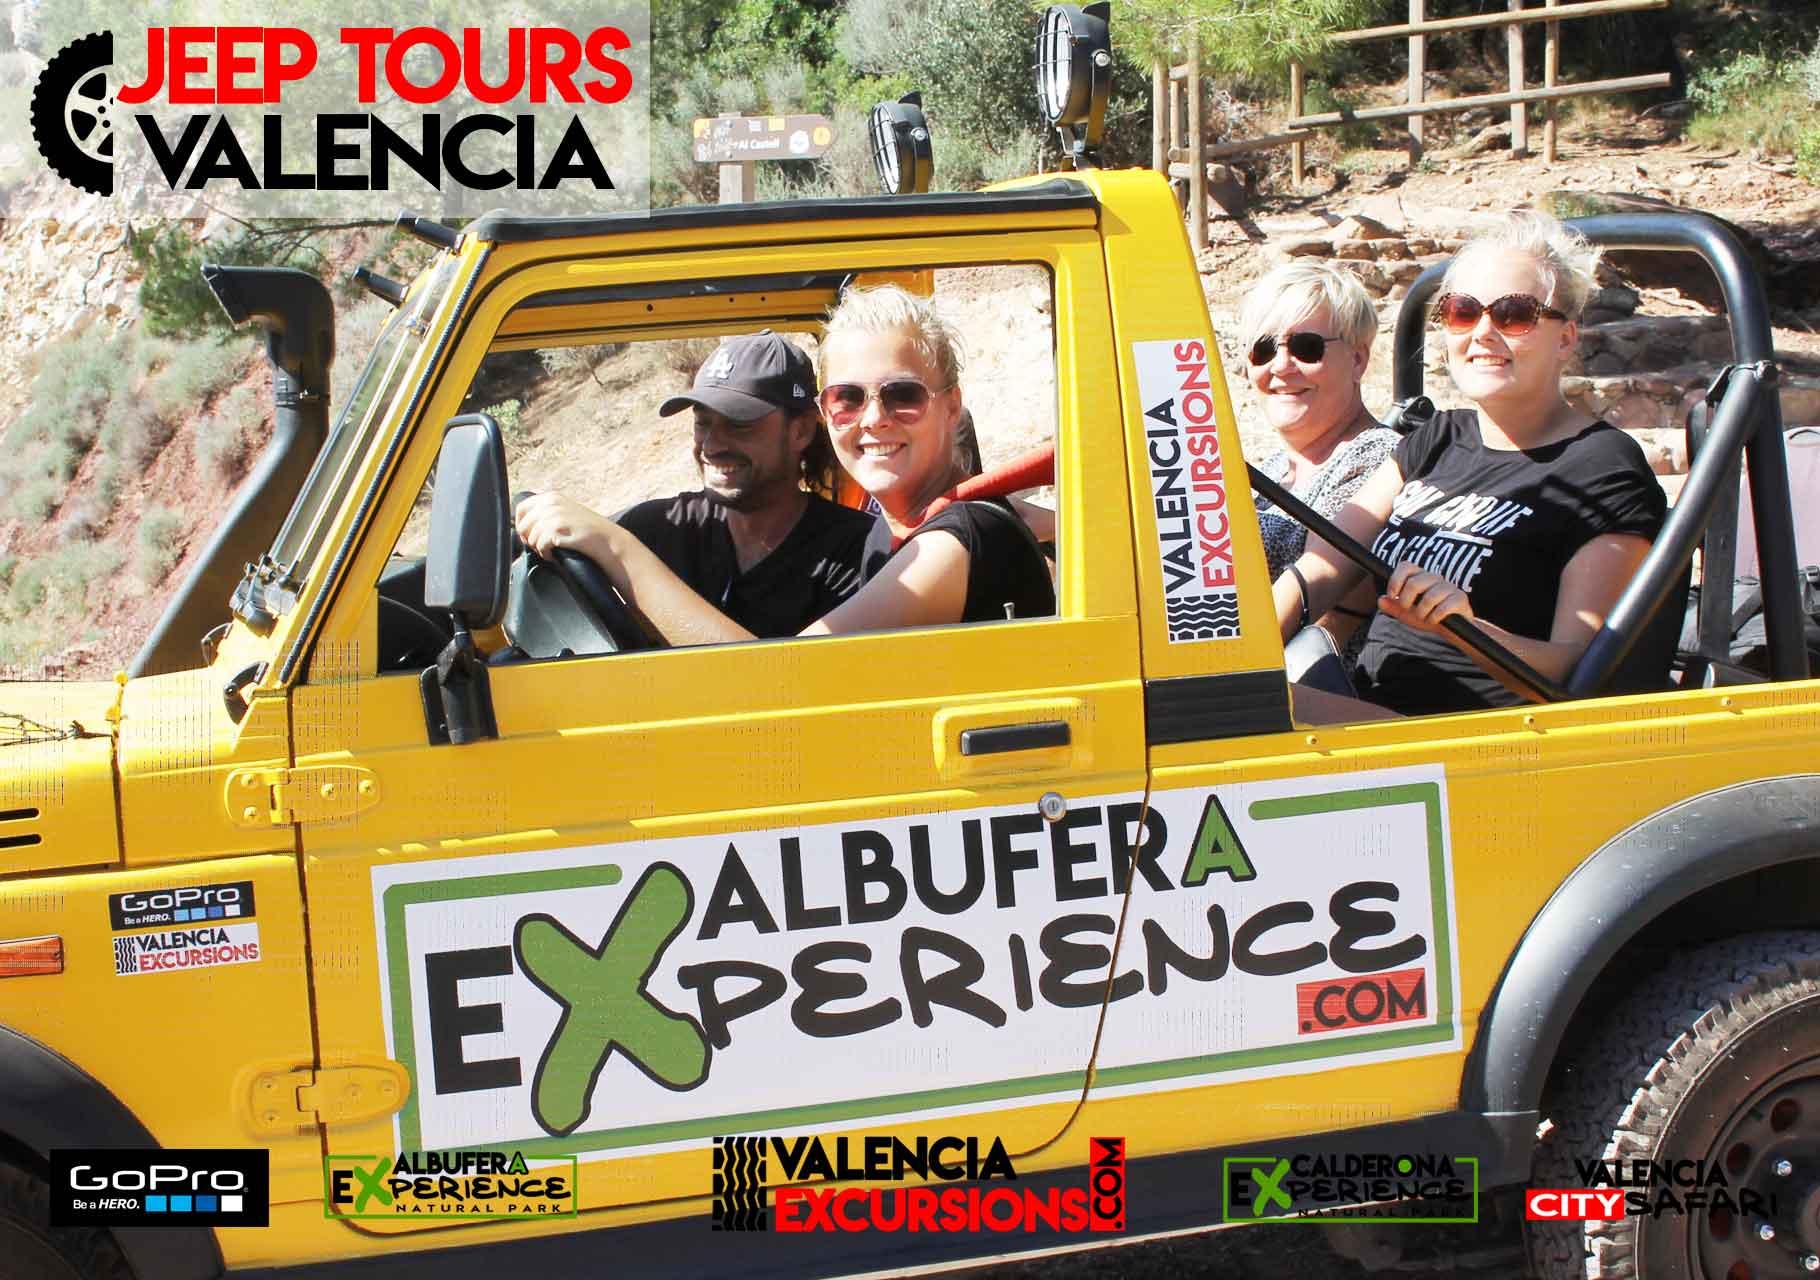 Geführte Tour zum  Naturpark Albufera